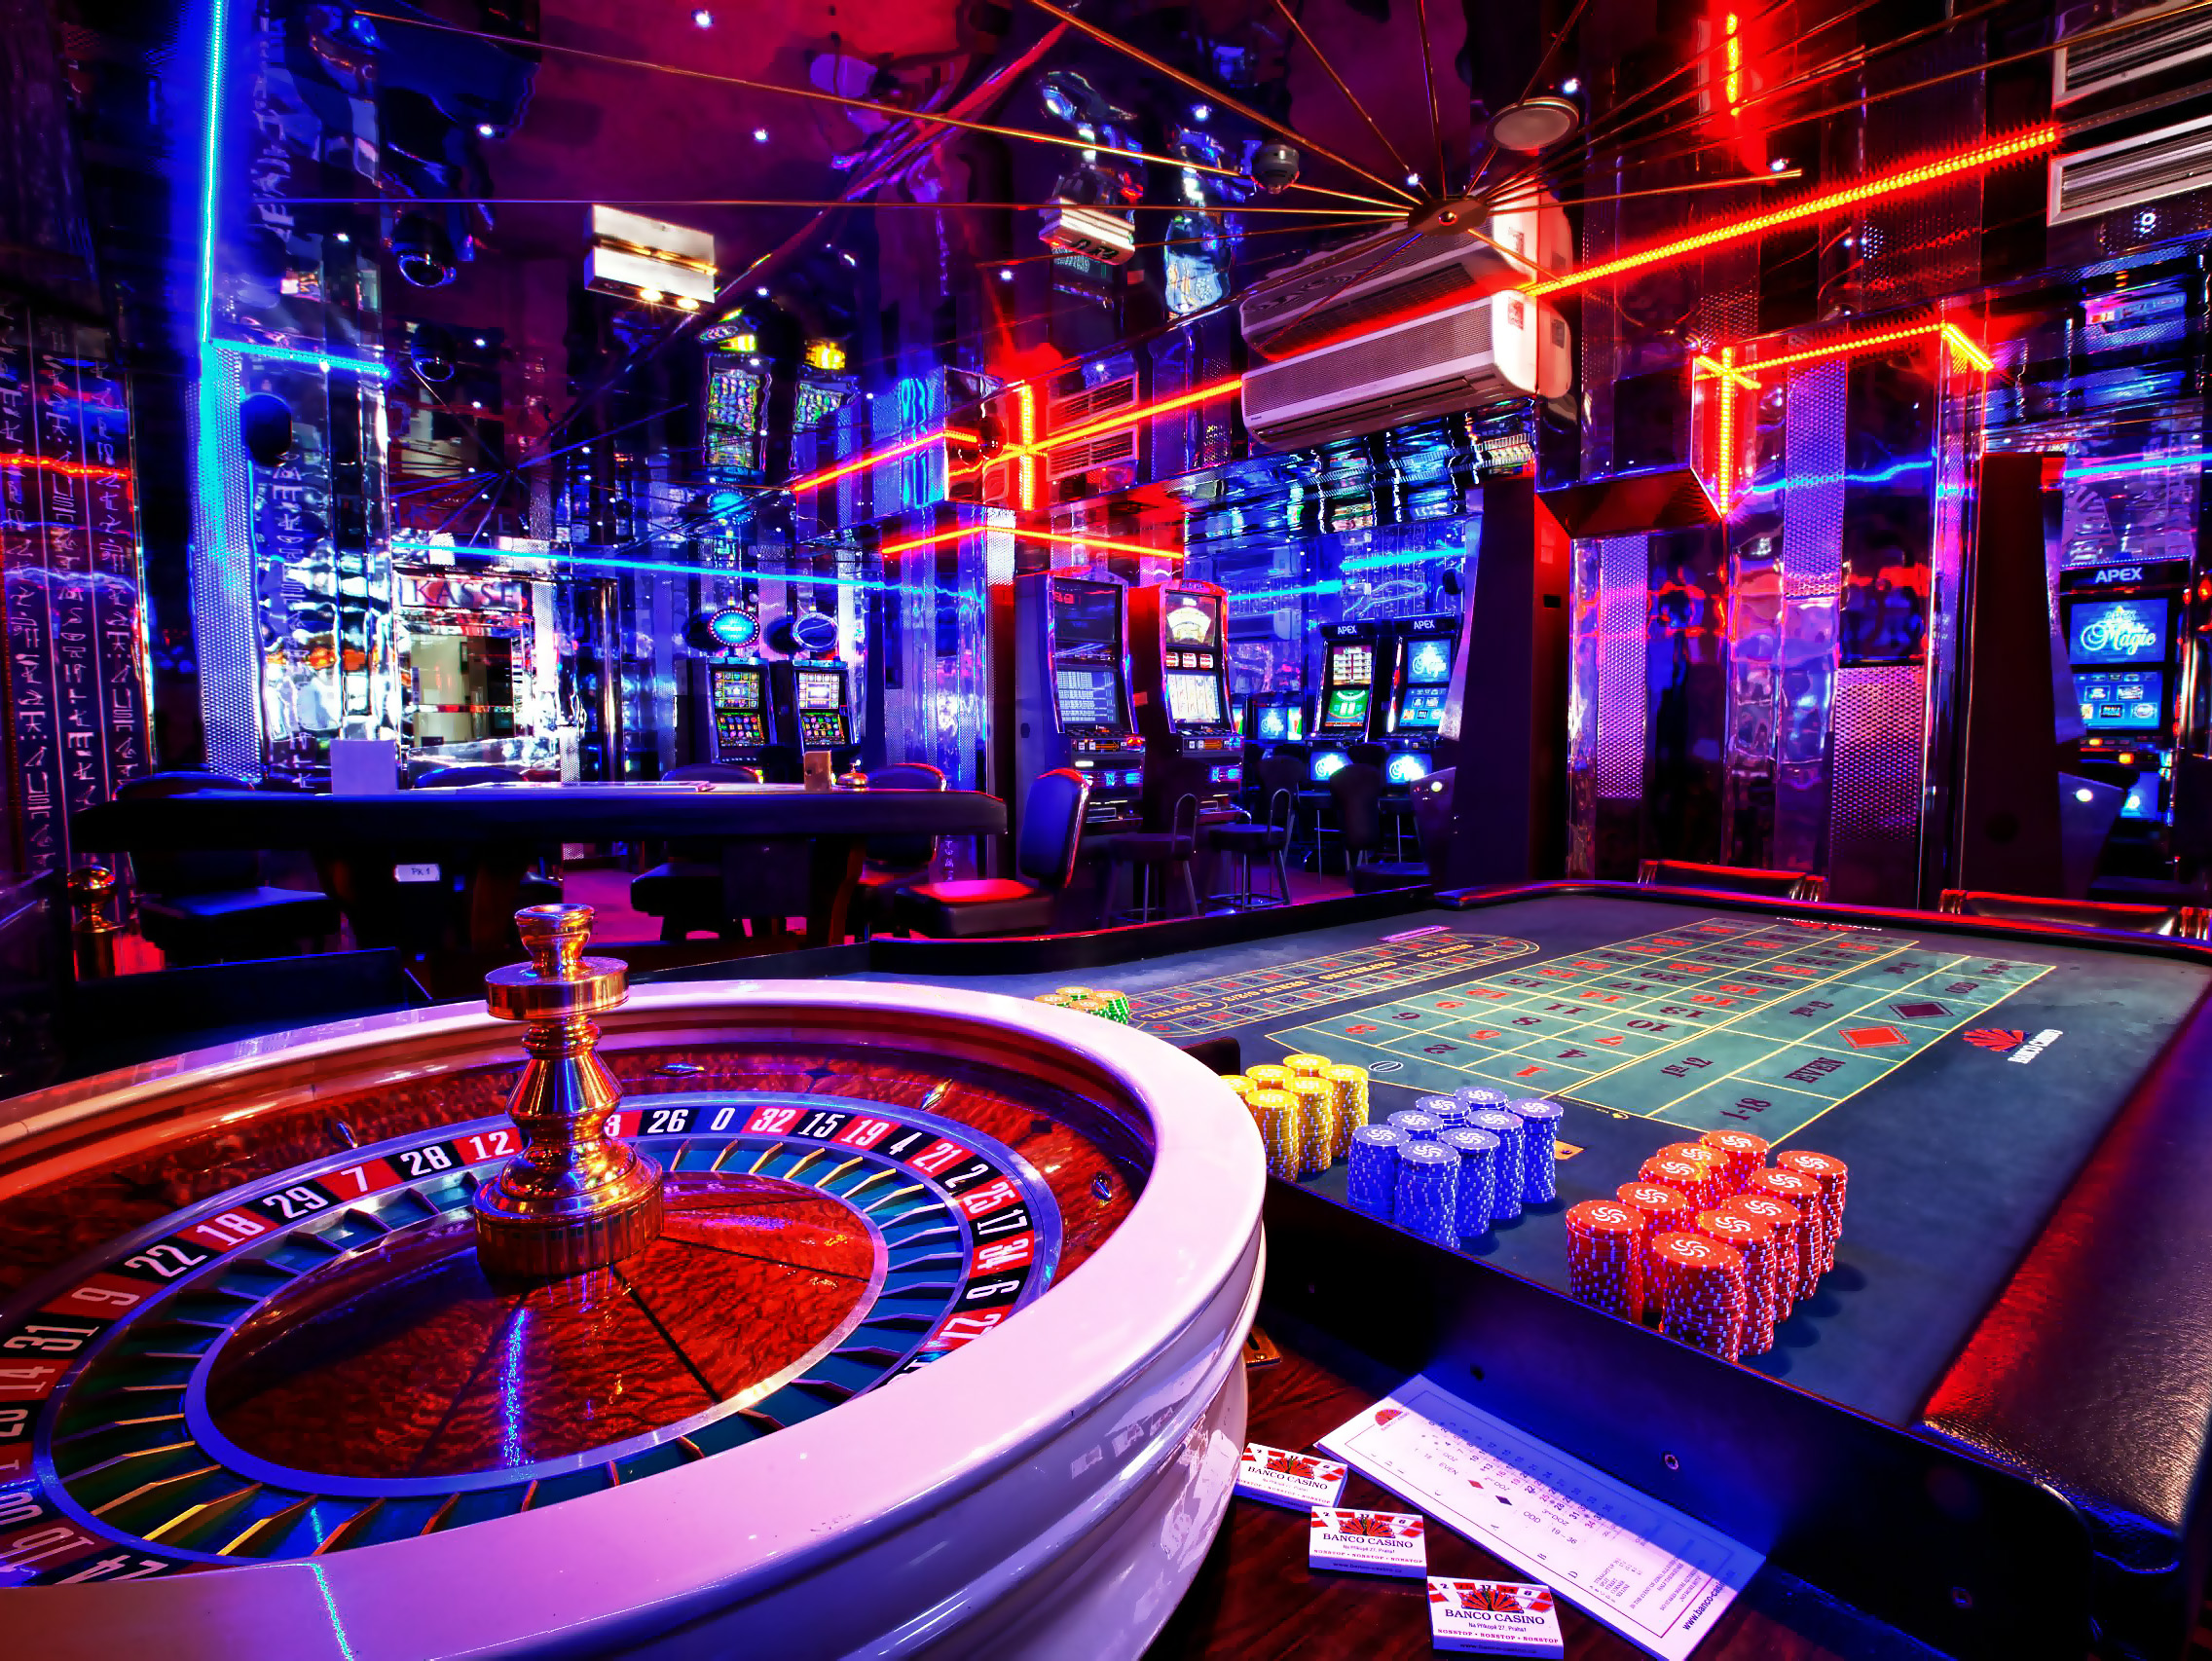 Big bad wolf казино